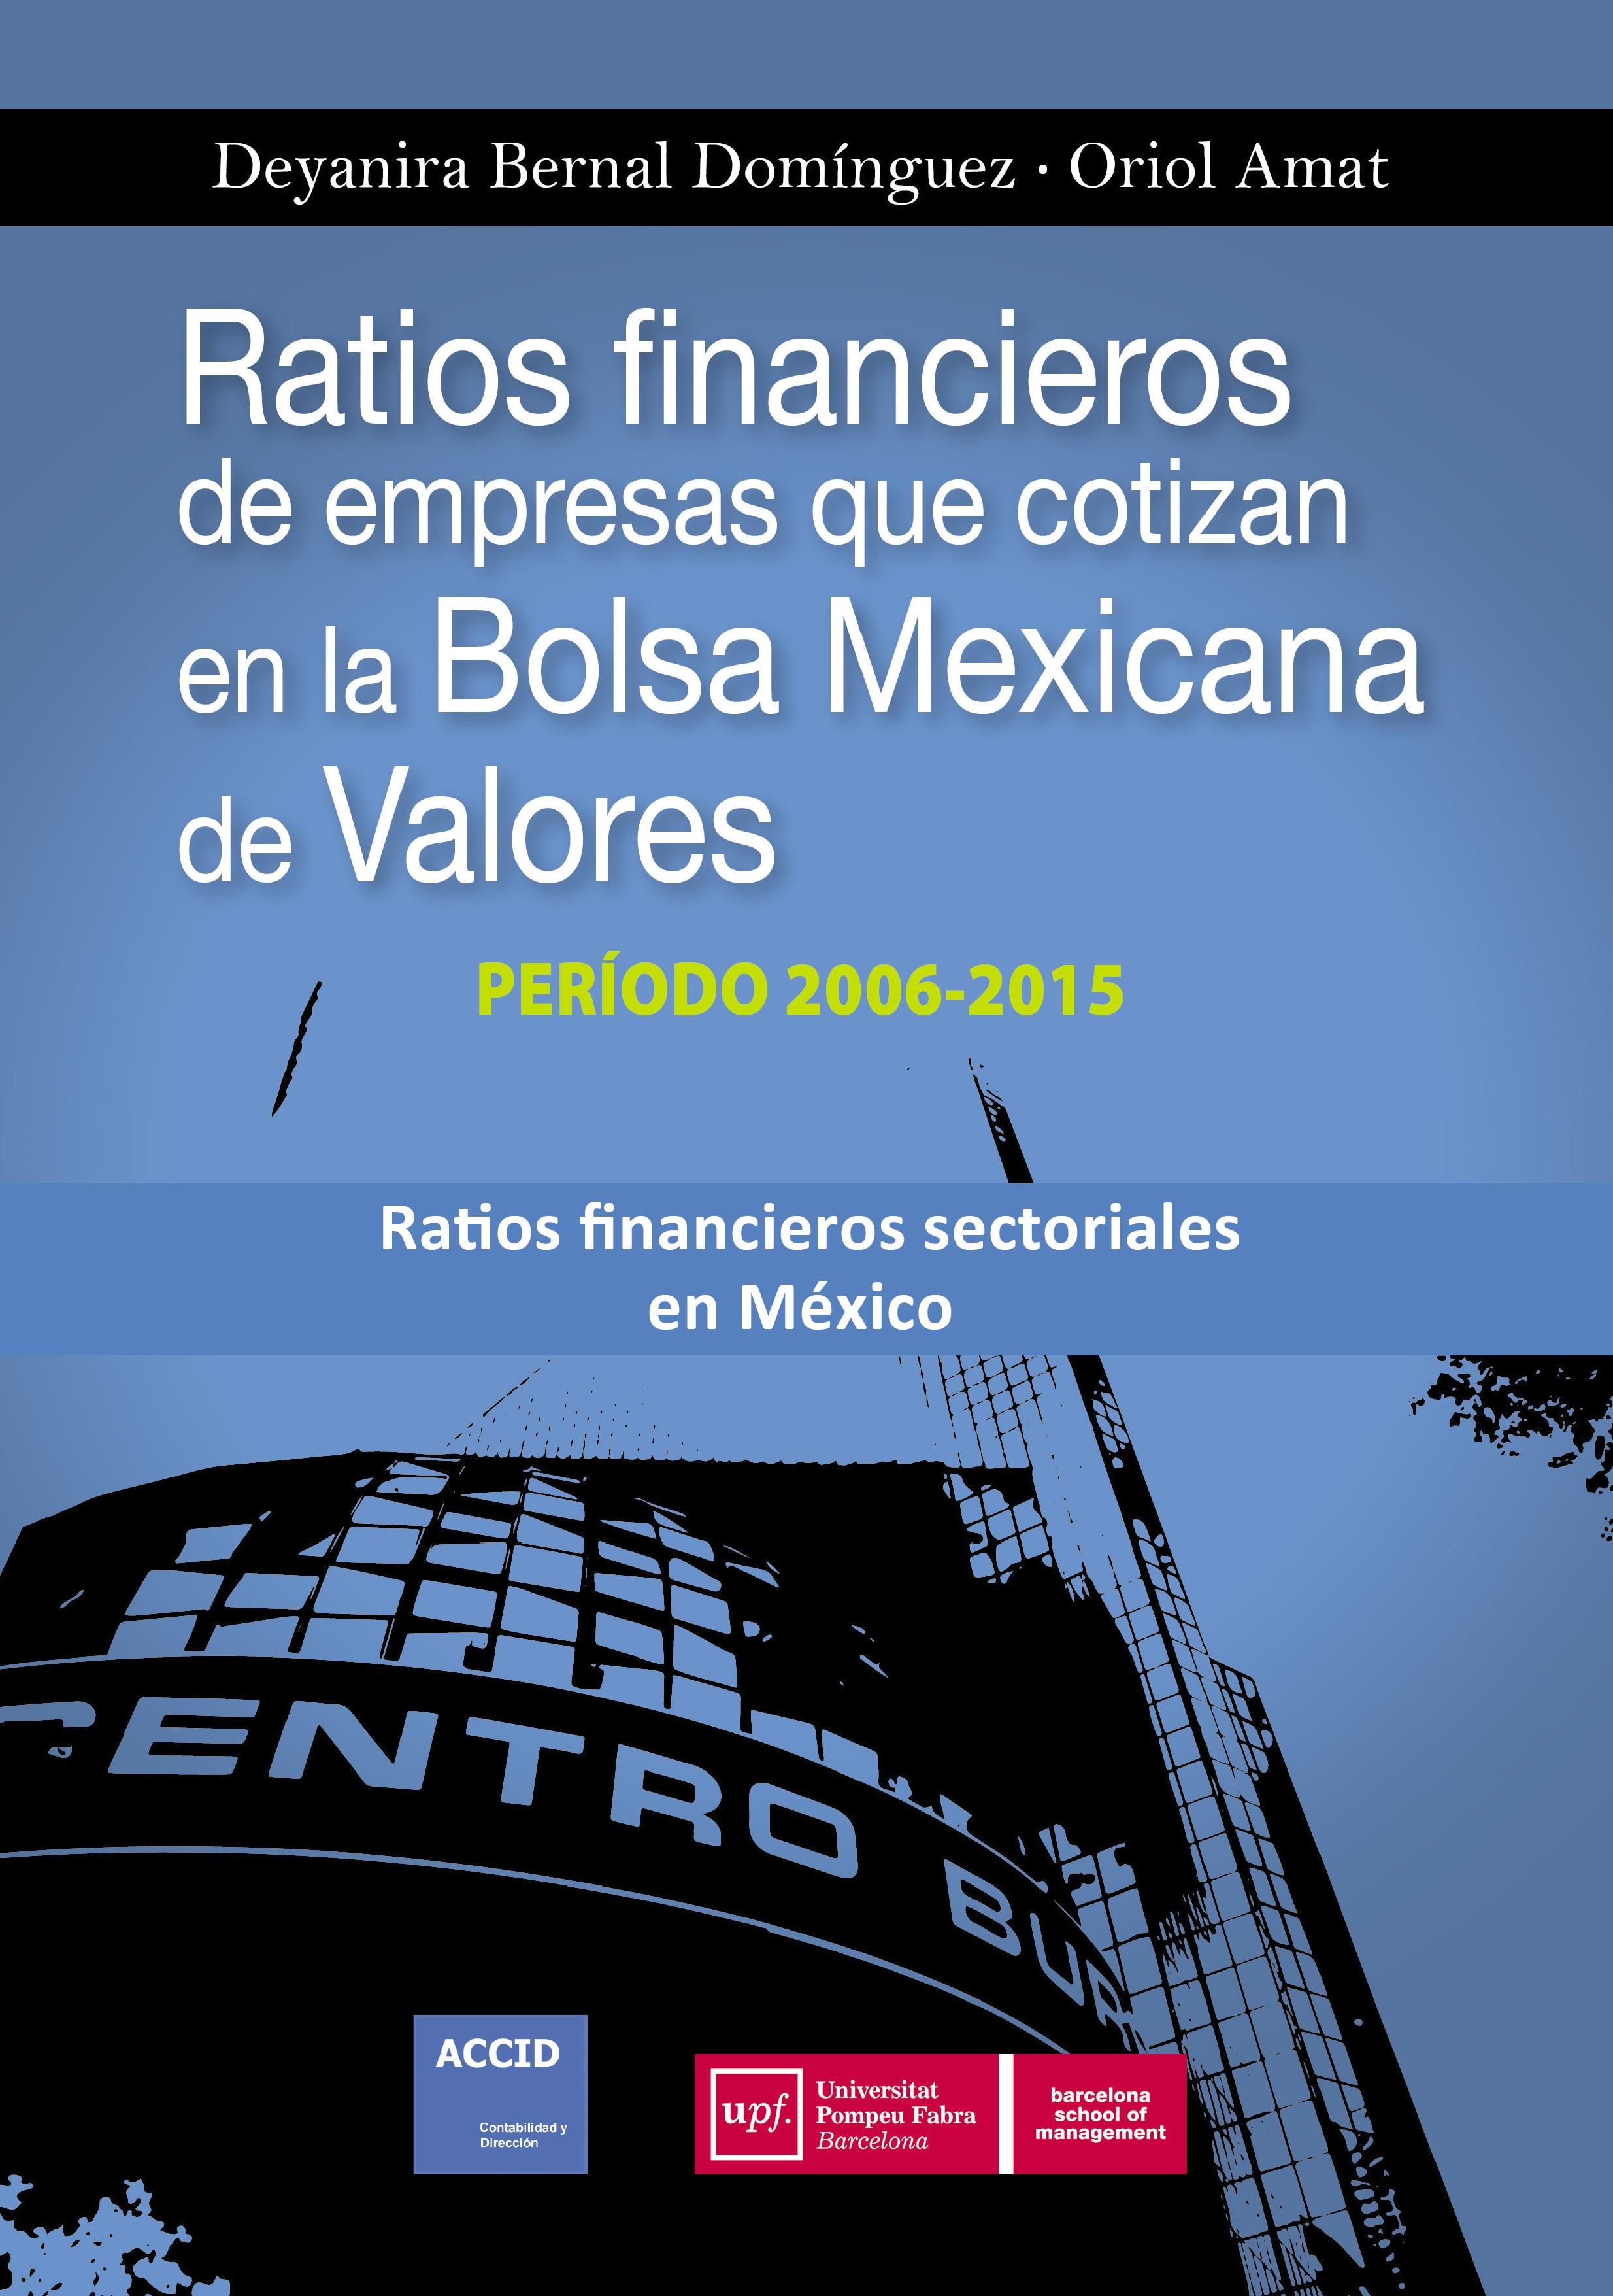 Financieros 2015 En Cotizan De Mexicana Ratios Bolsa Empresas La Valores2006 Que USpzqVLMG